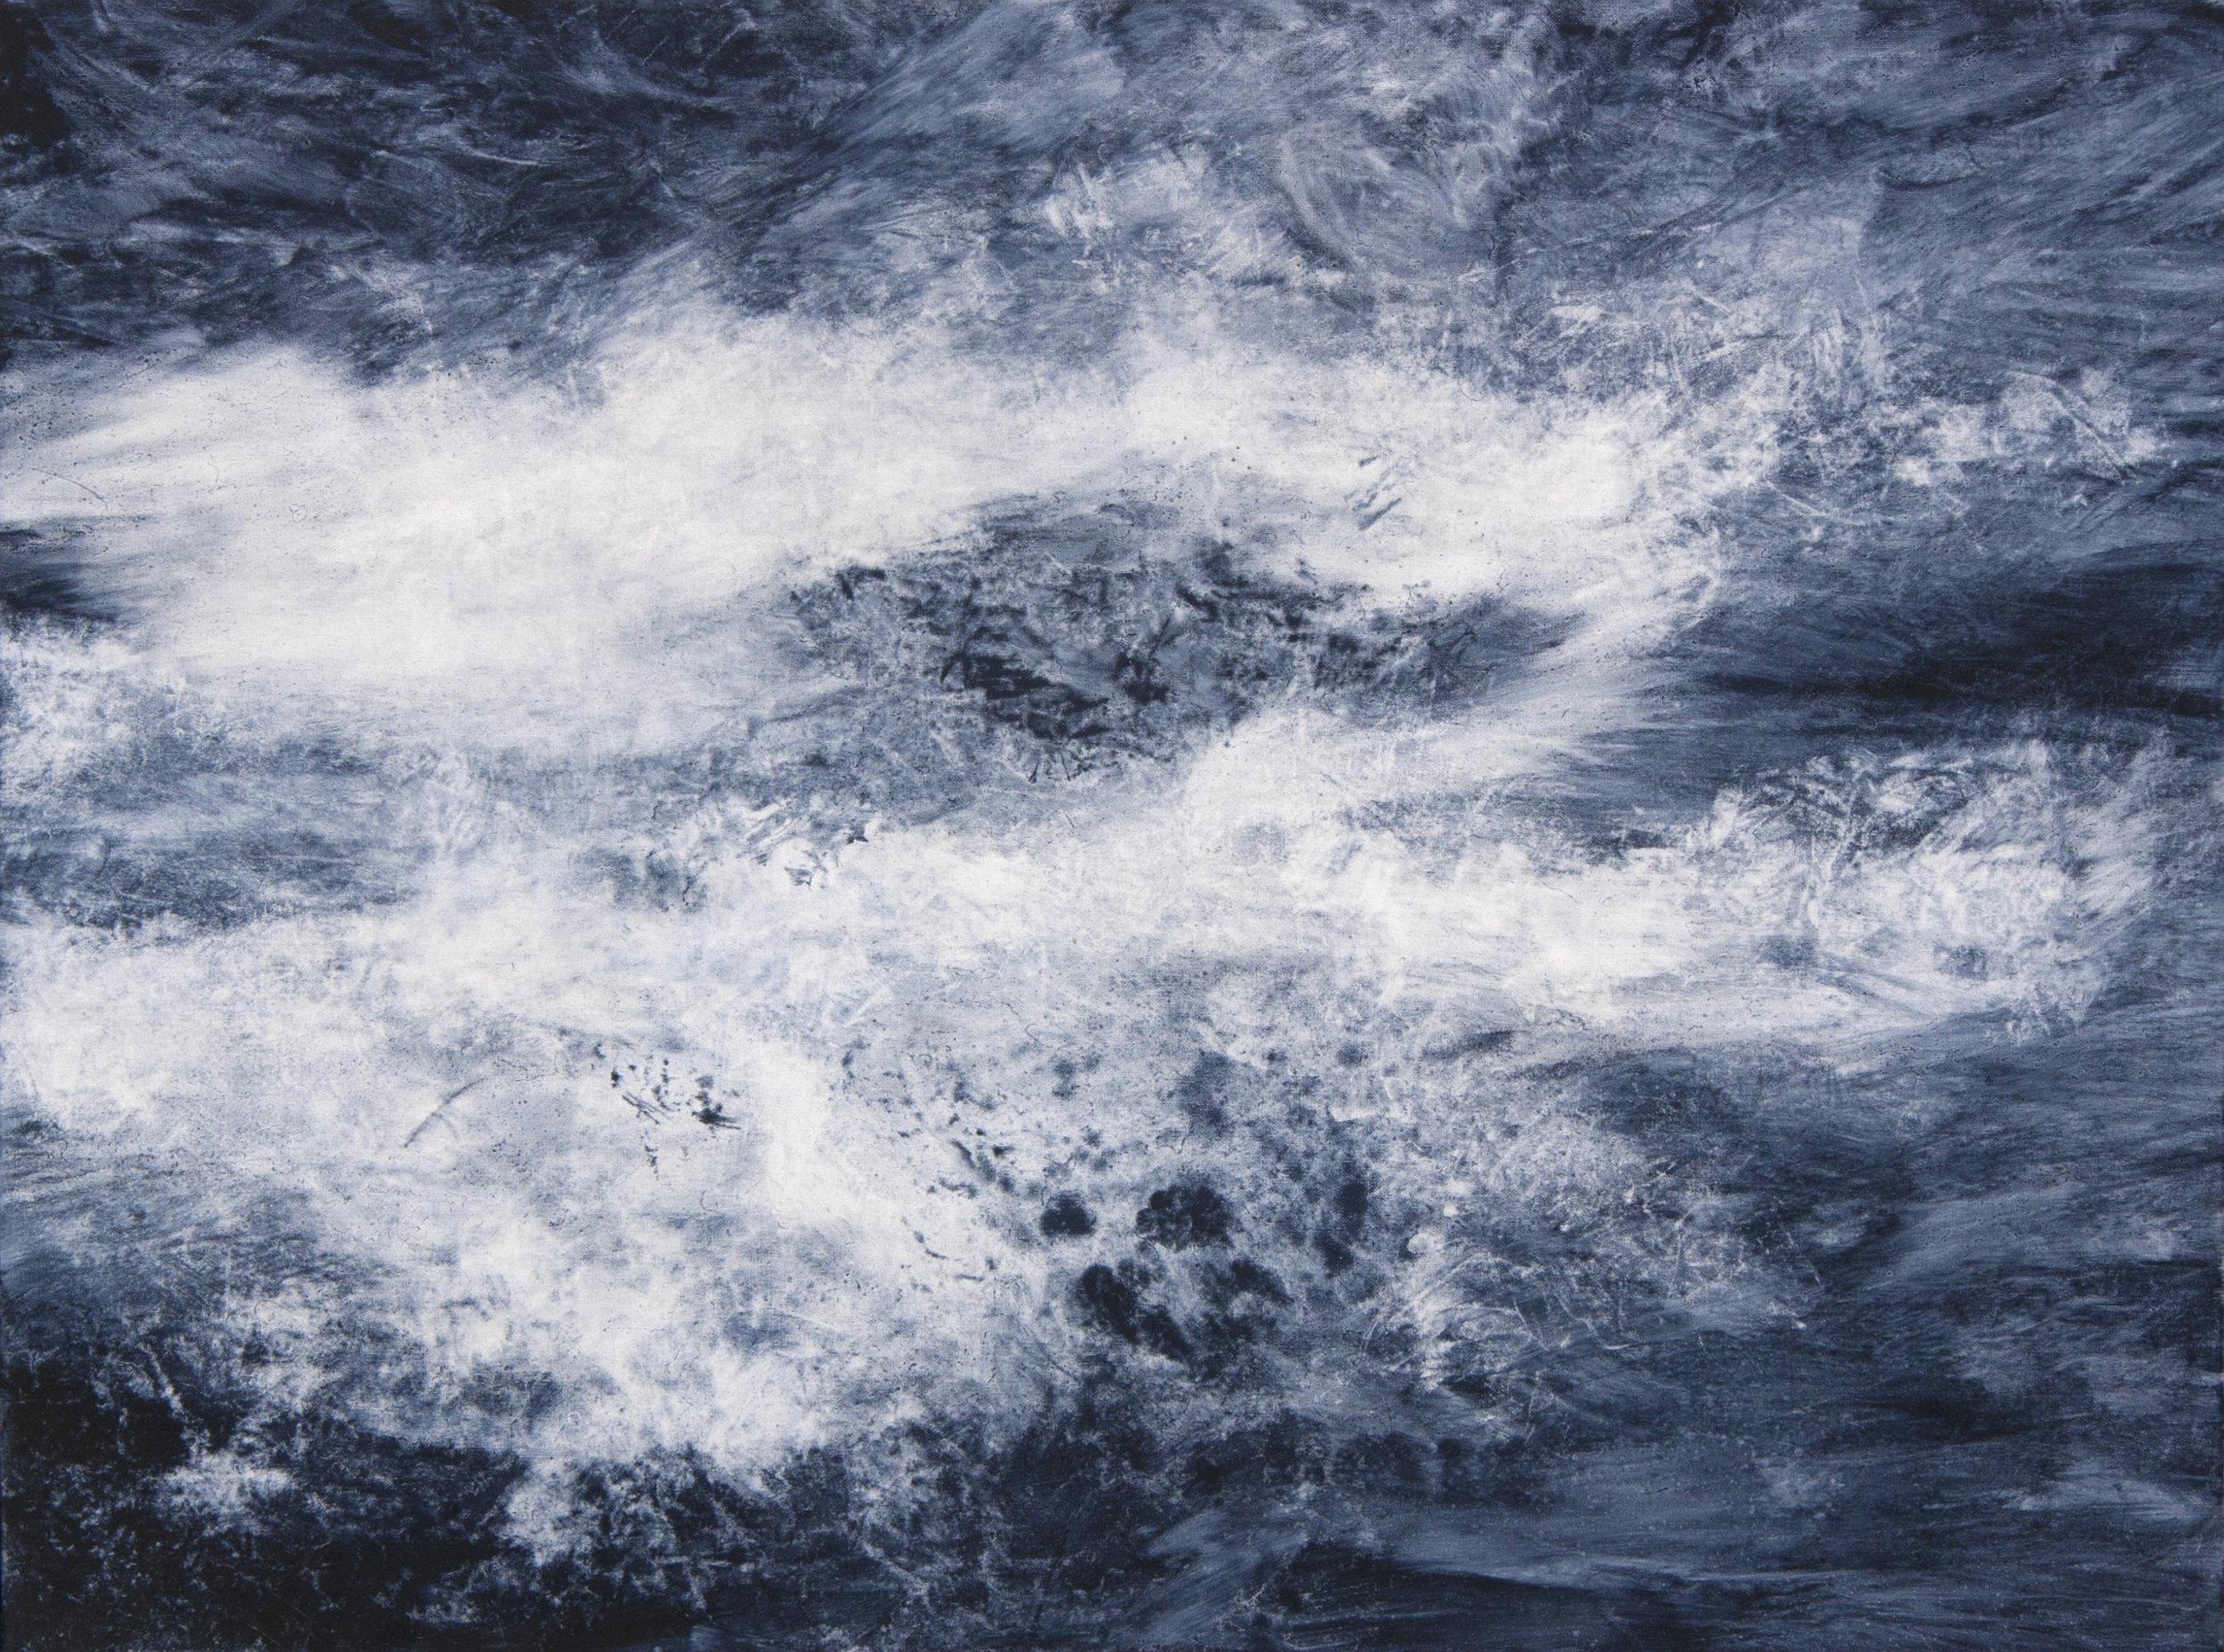 Untitled (Sea II), oil on canvas, 60x80cm, 2015